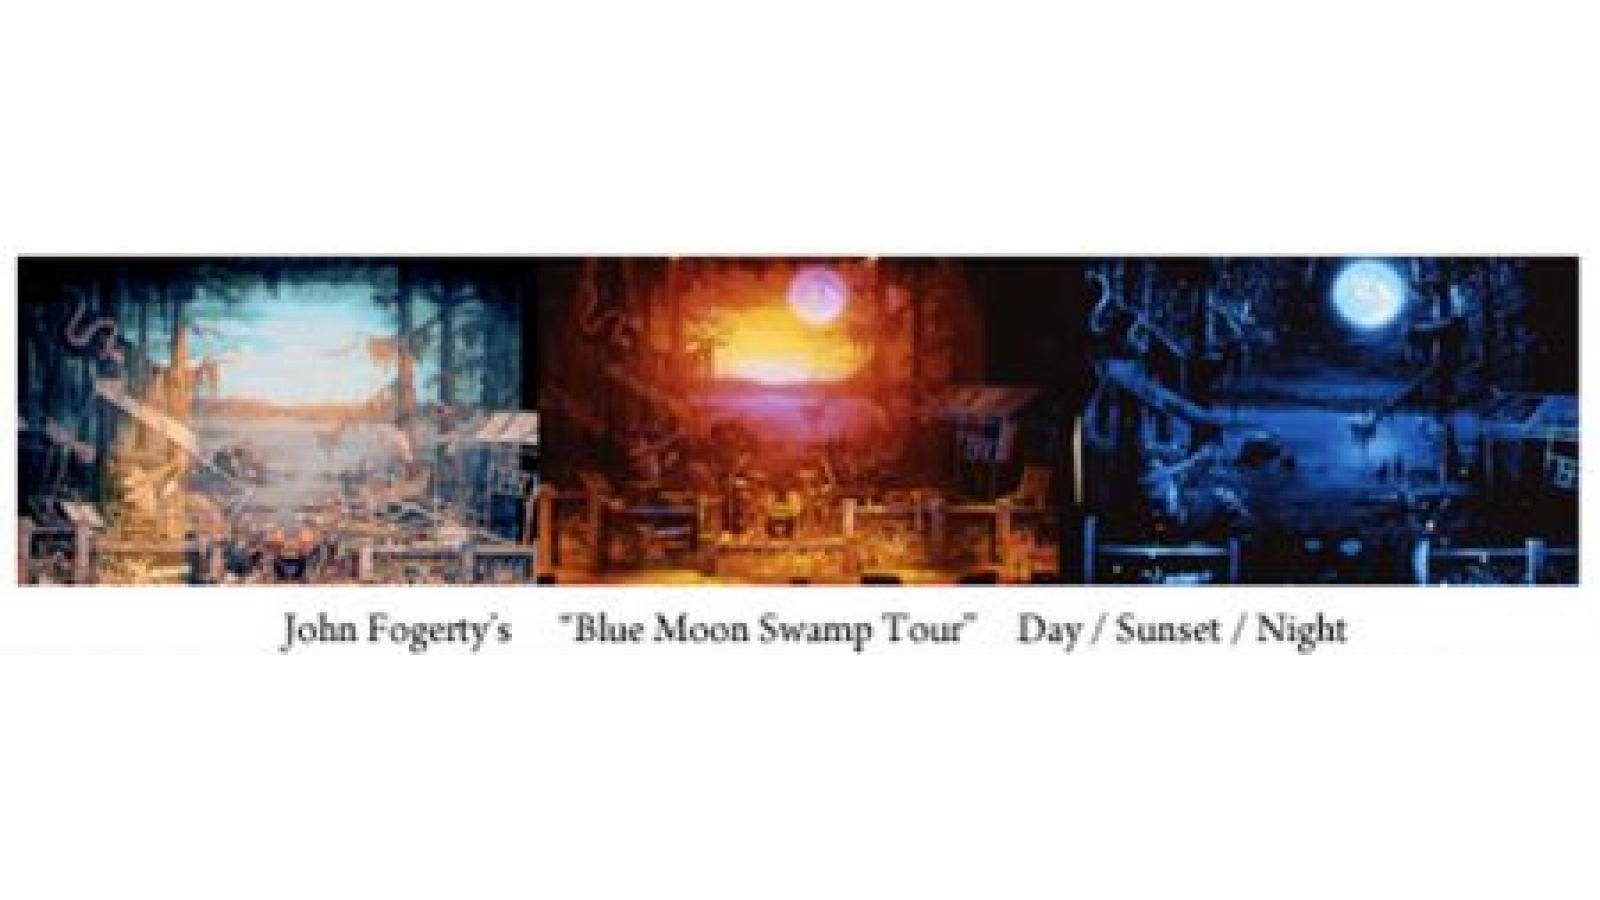 John Fogerty Tour Backdrop